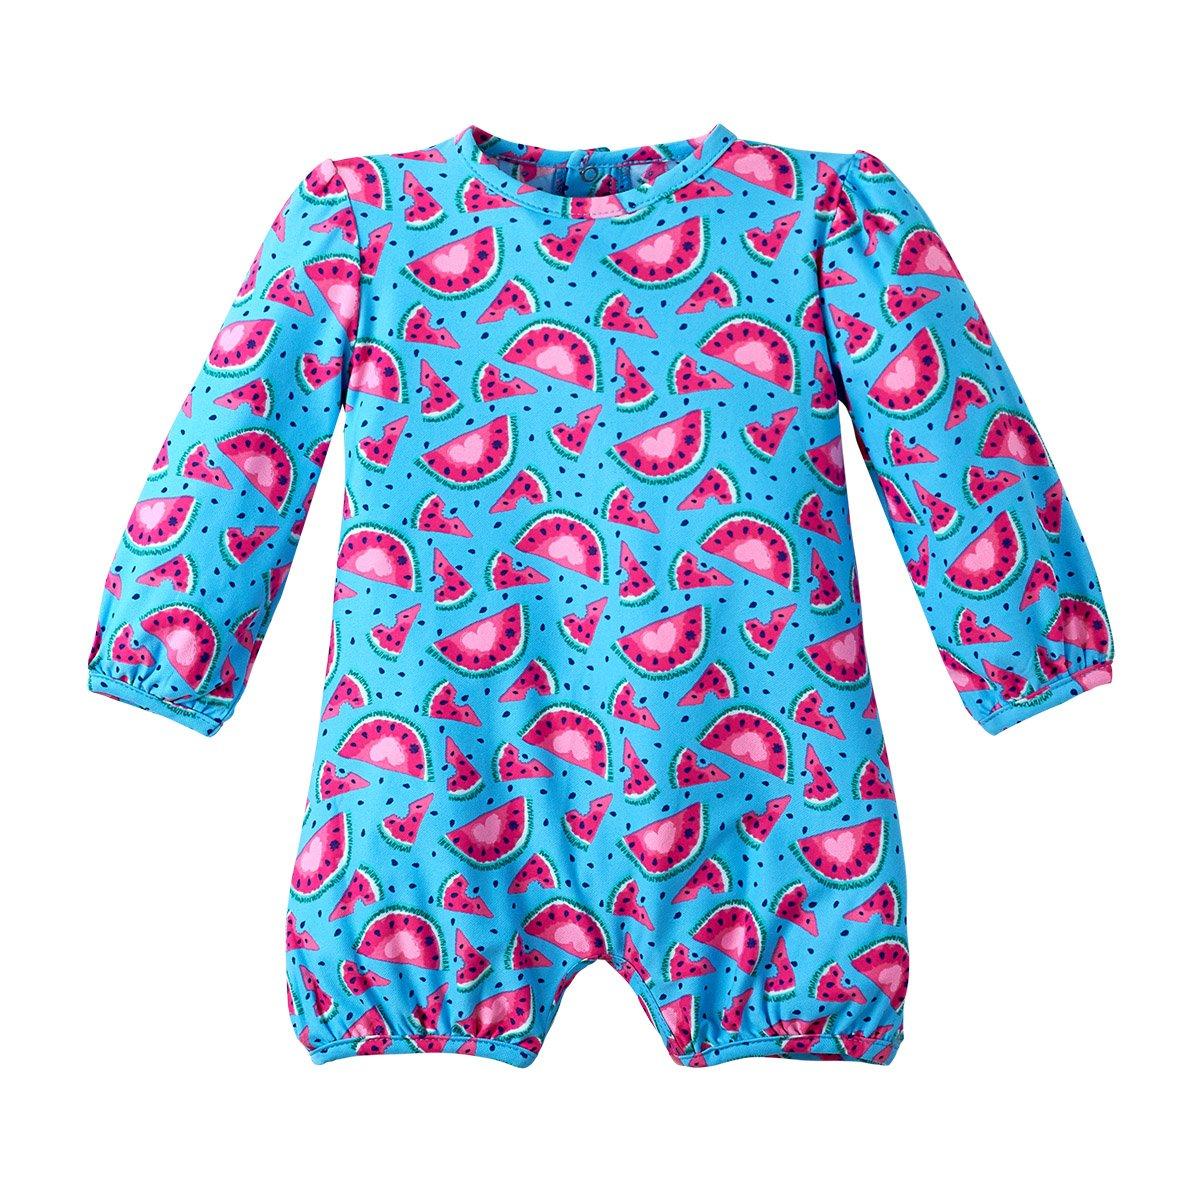 UV SKINZ UPF 50+ Baby Girls UV Sunzie Aqua Watermelon